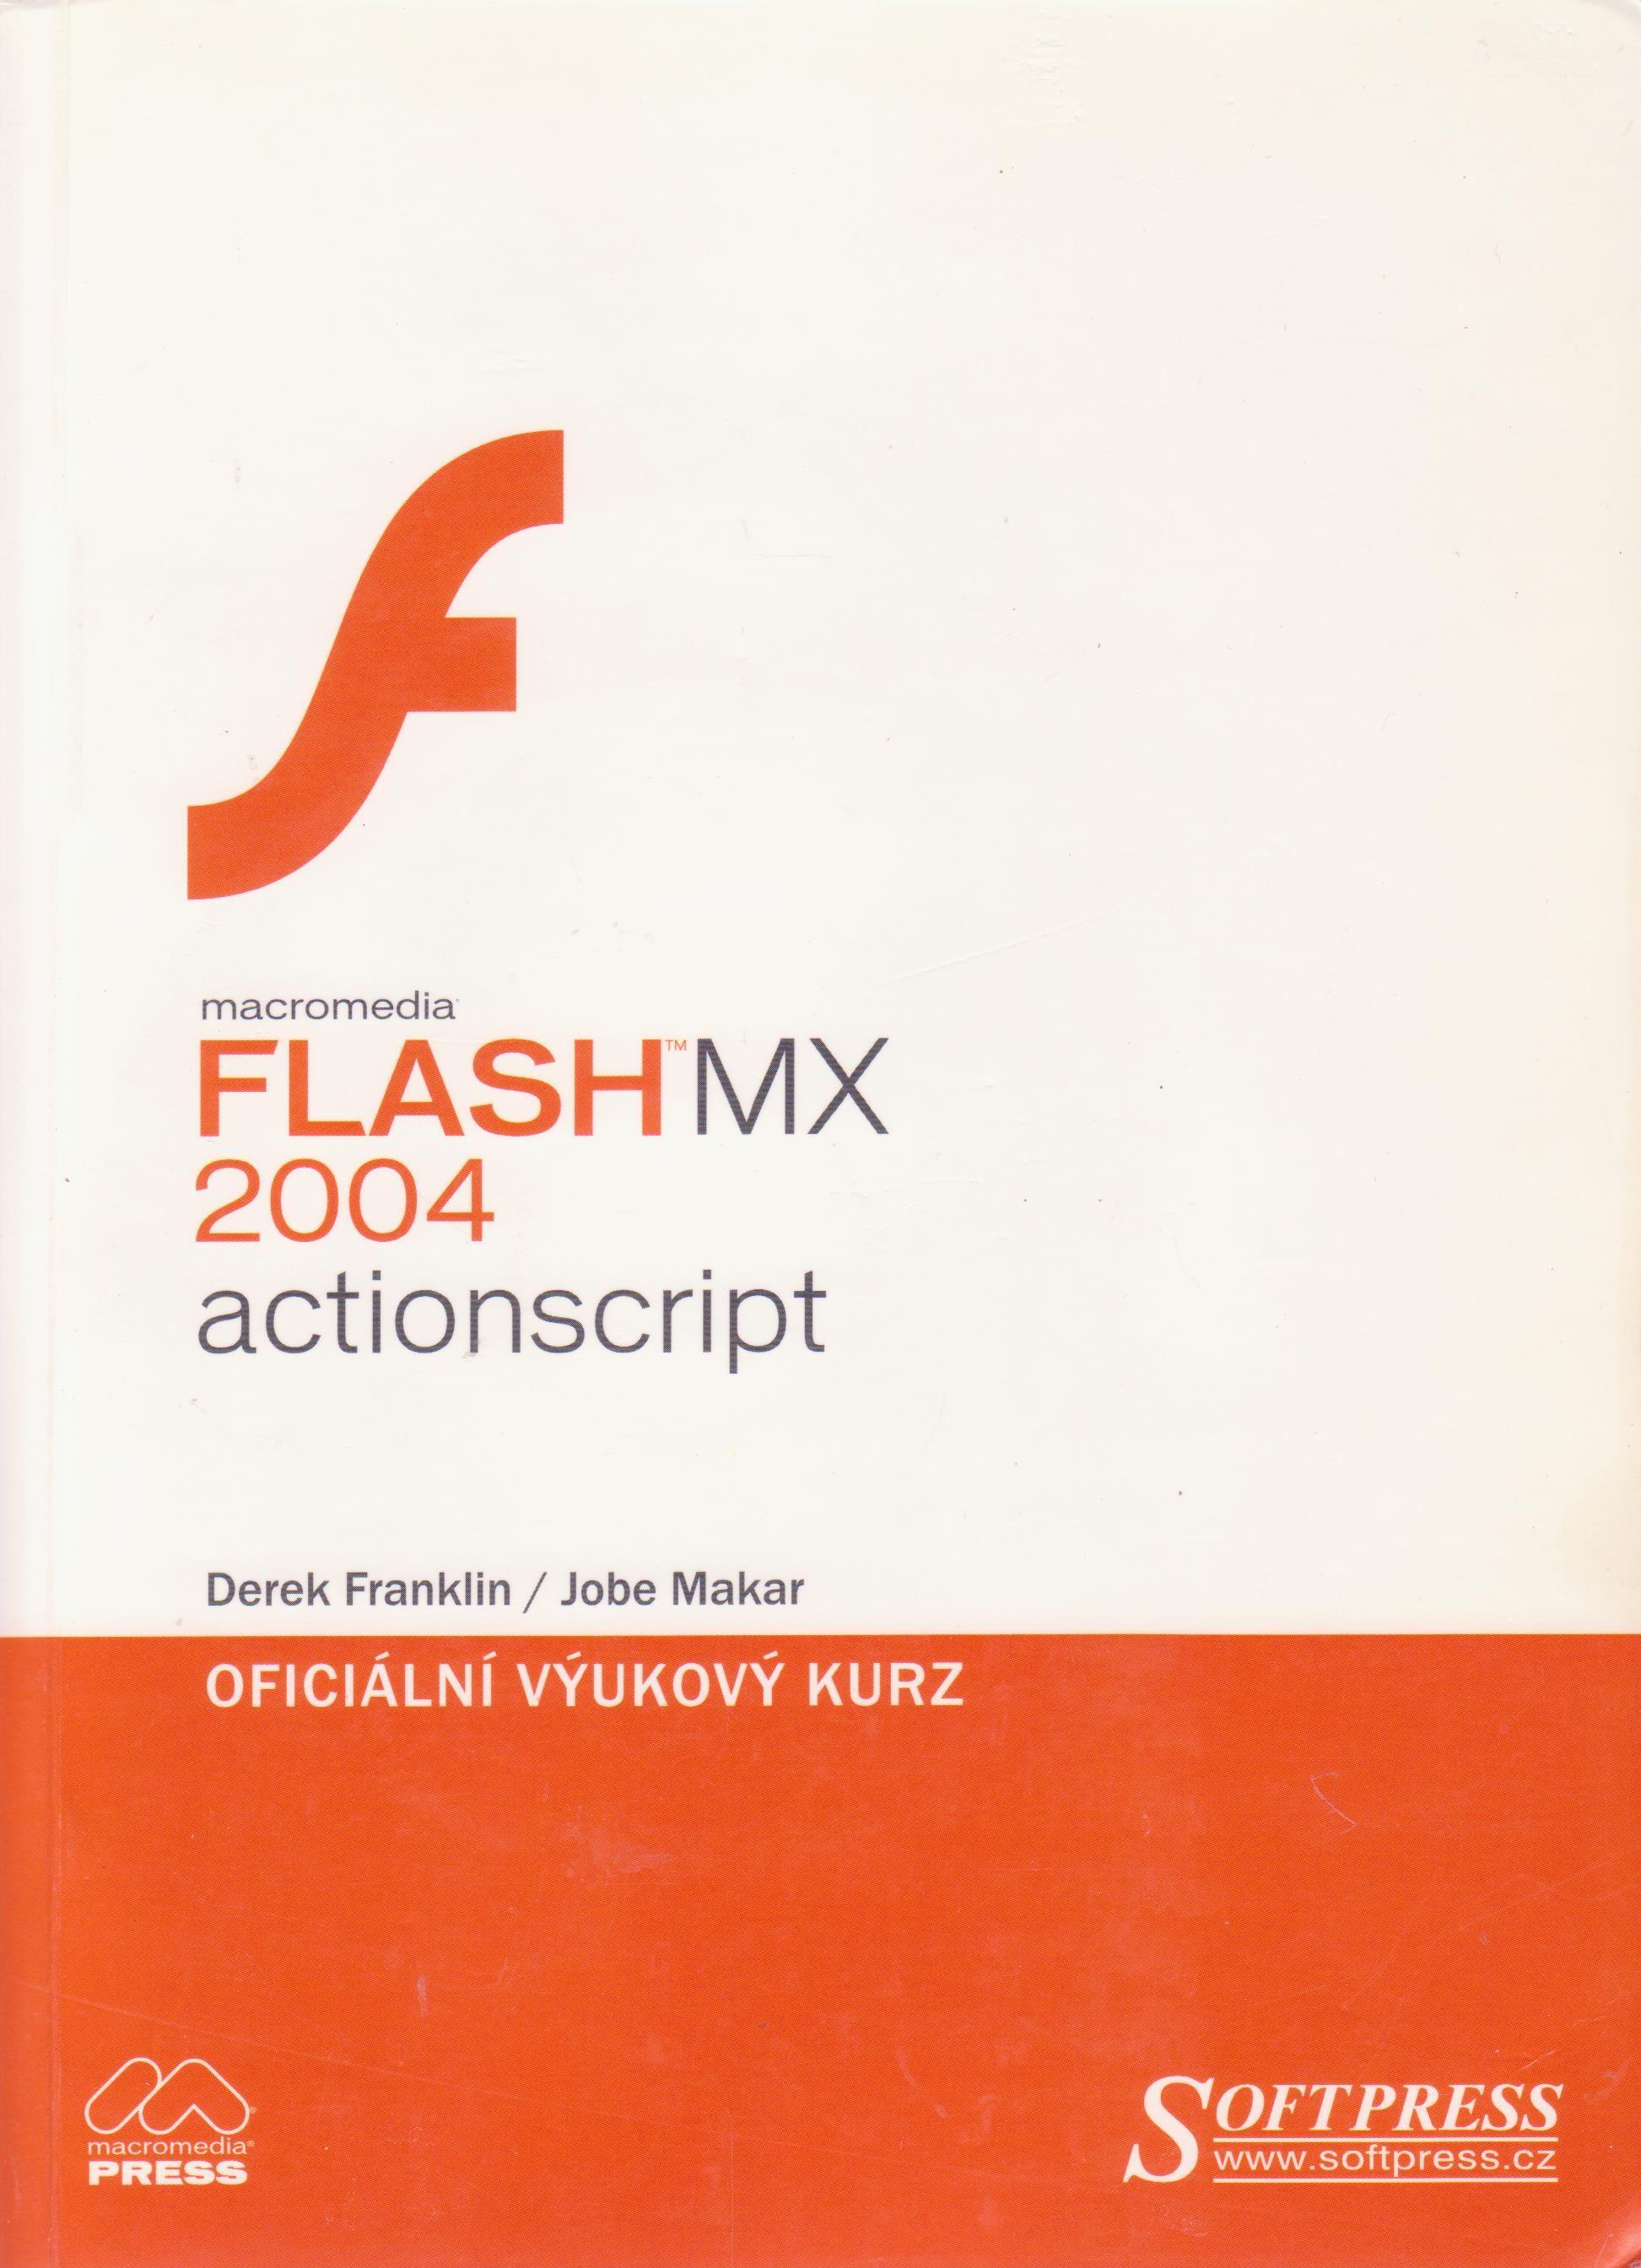 Macromedia Slash MX 2004 actionscript (Oficilání výukový kurz) +CD!